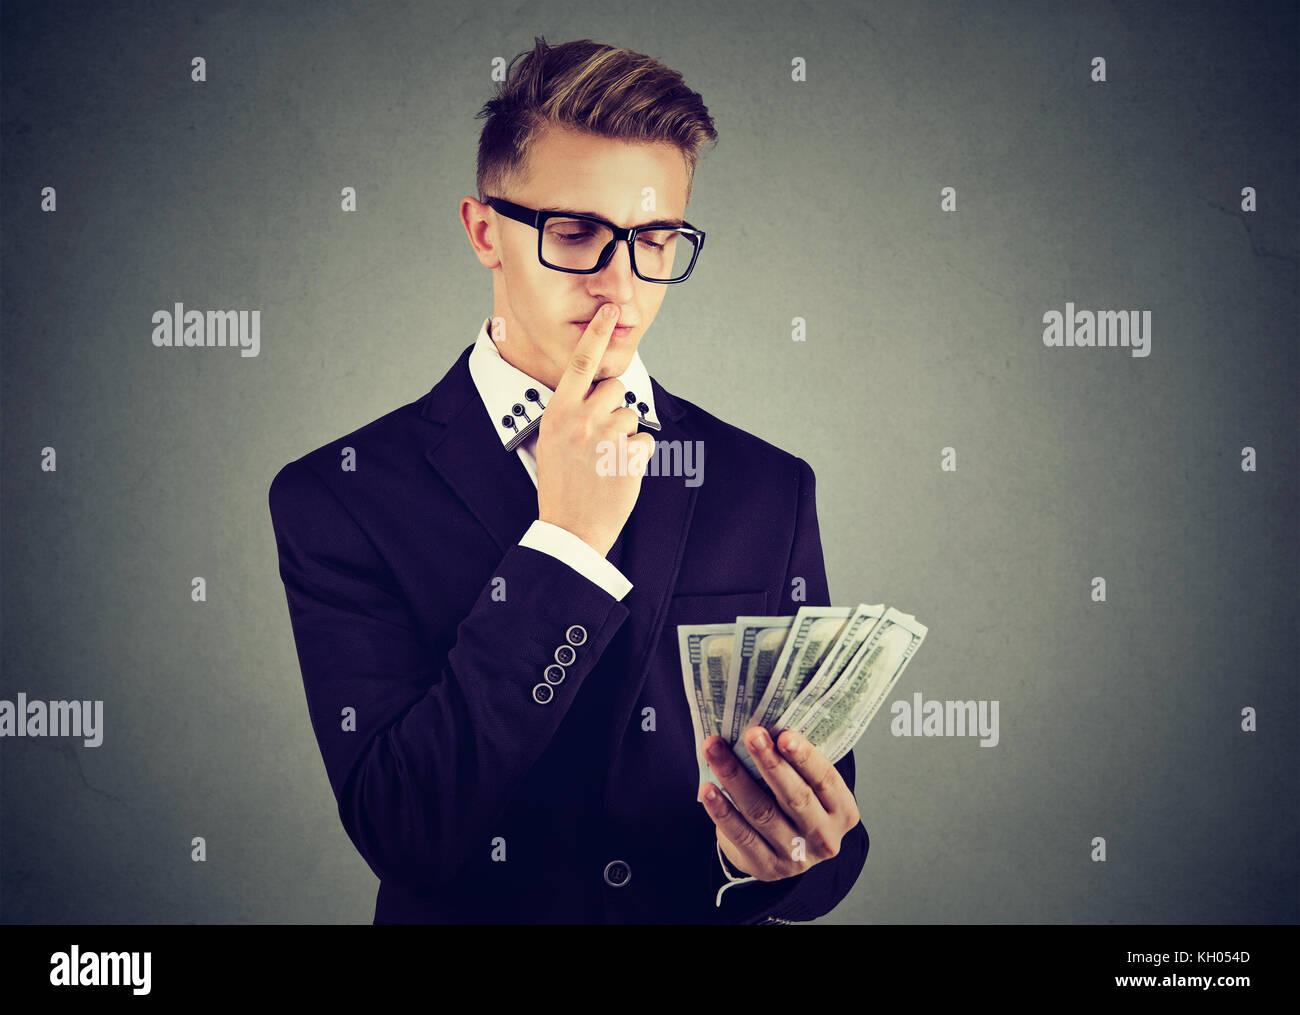 El hombre de negocios joven ambicioso con dinero Imagen De Stock